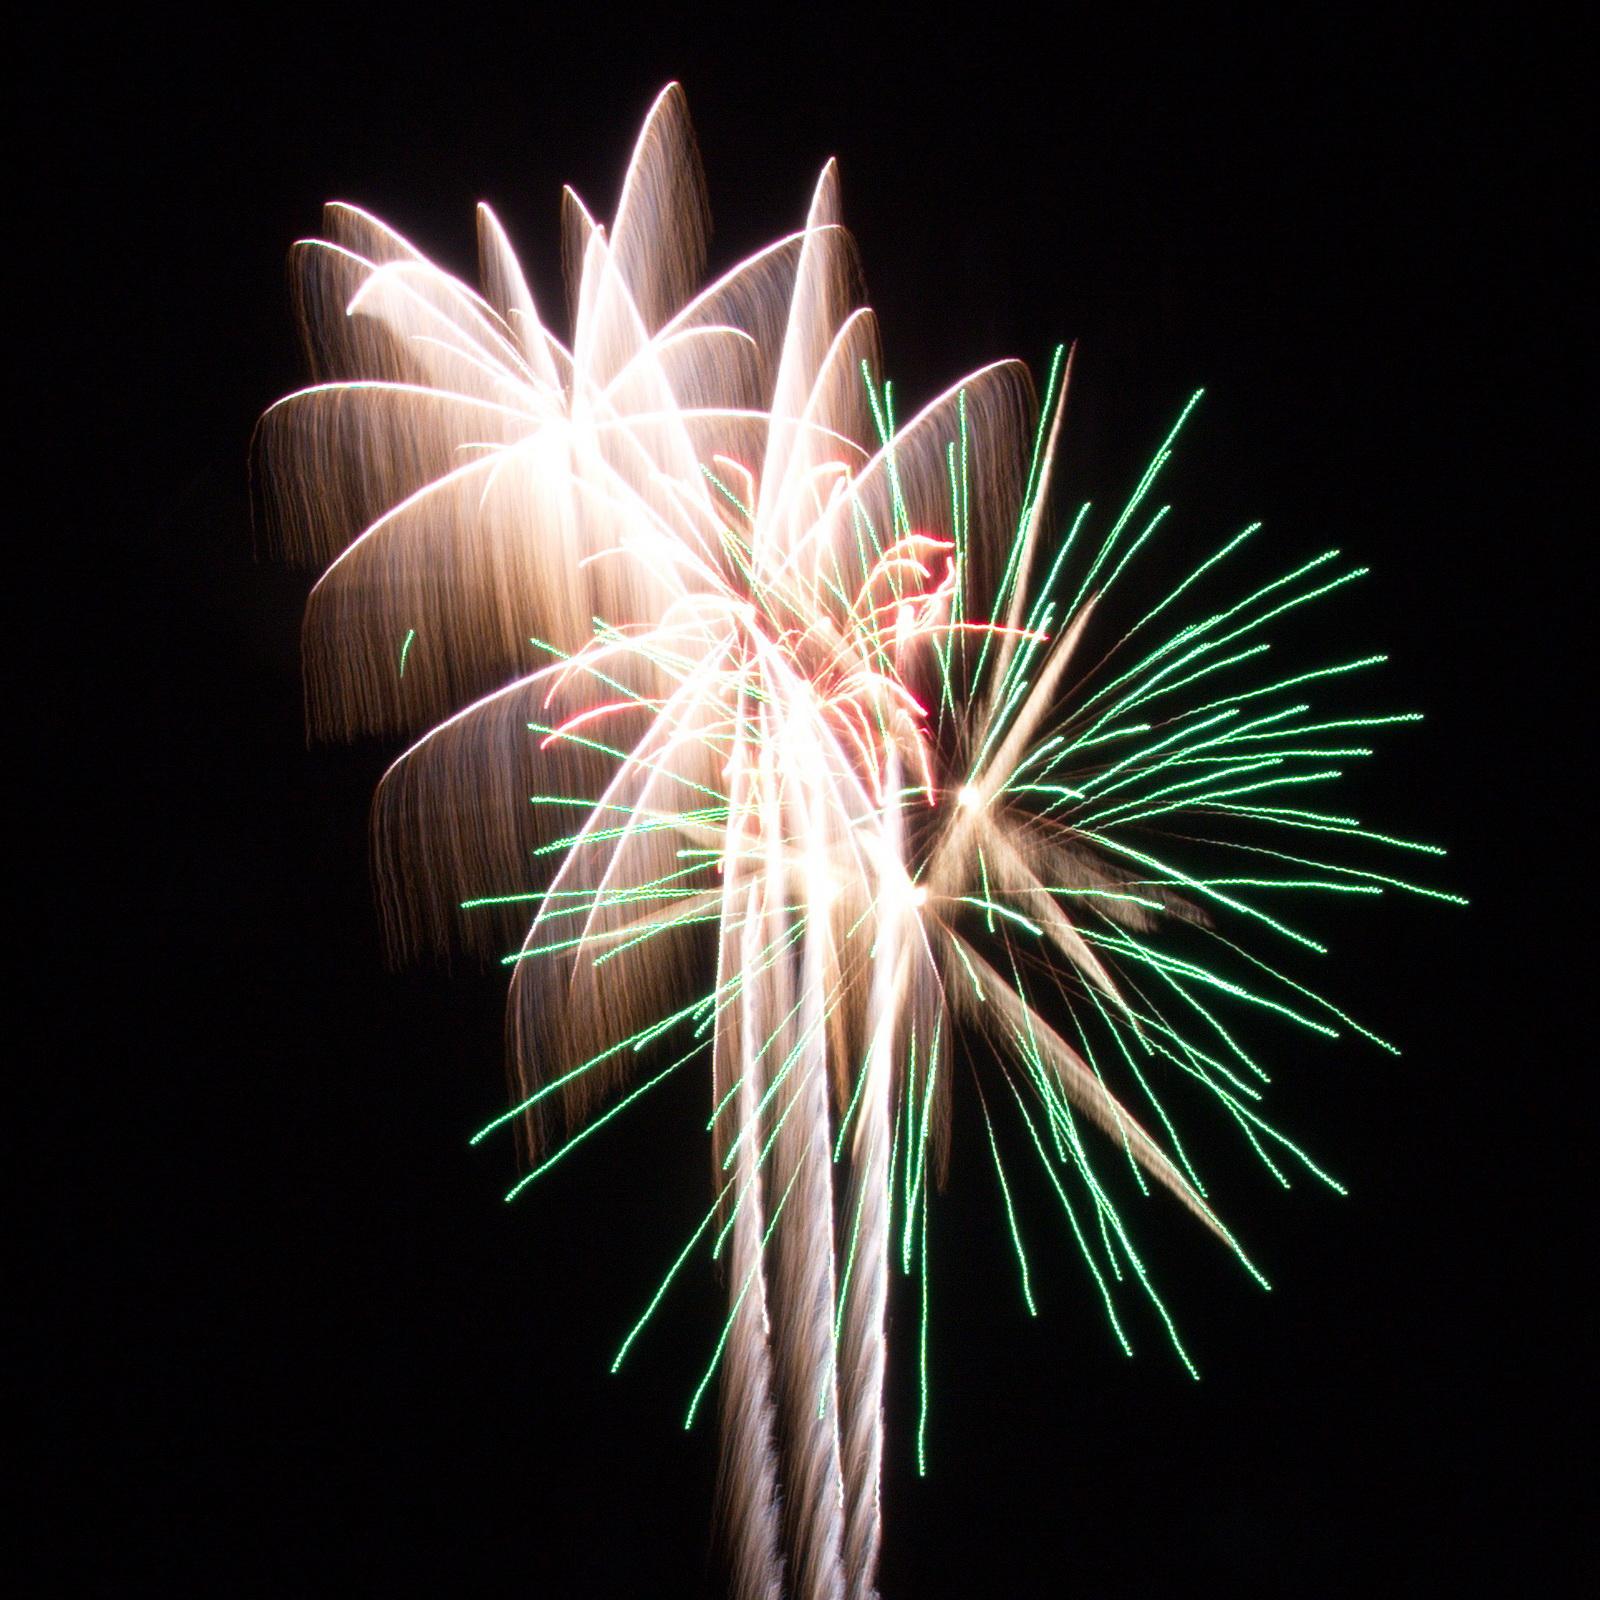 Massachusetts Fireworks: green and white